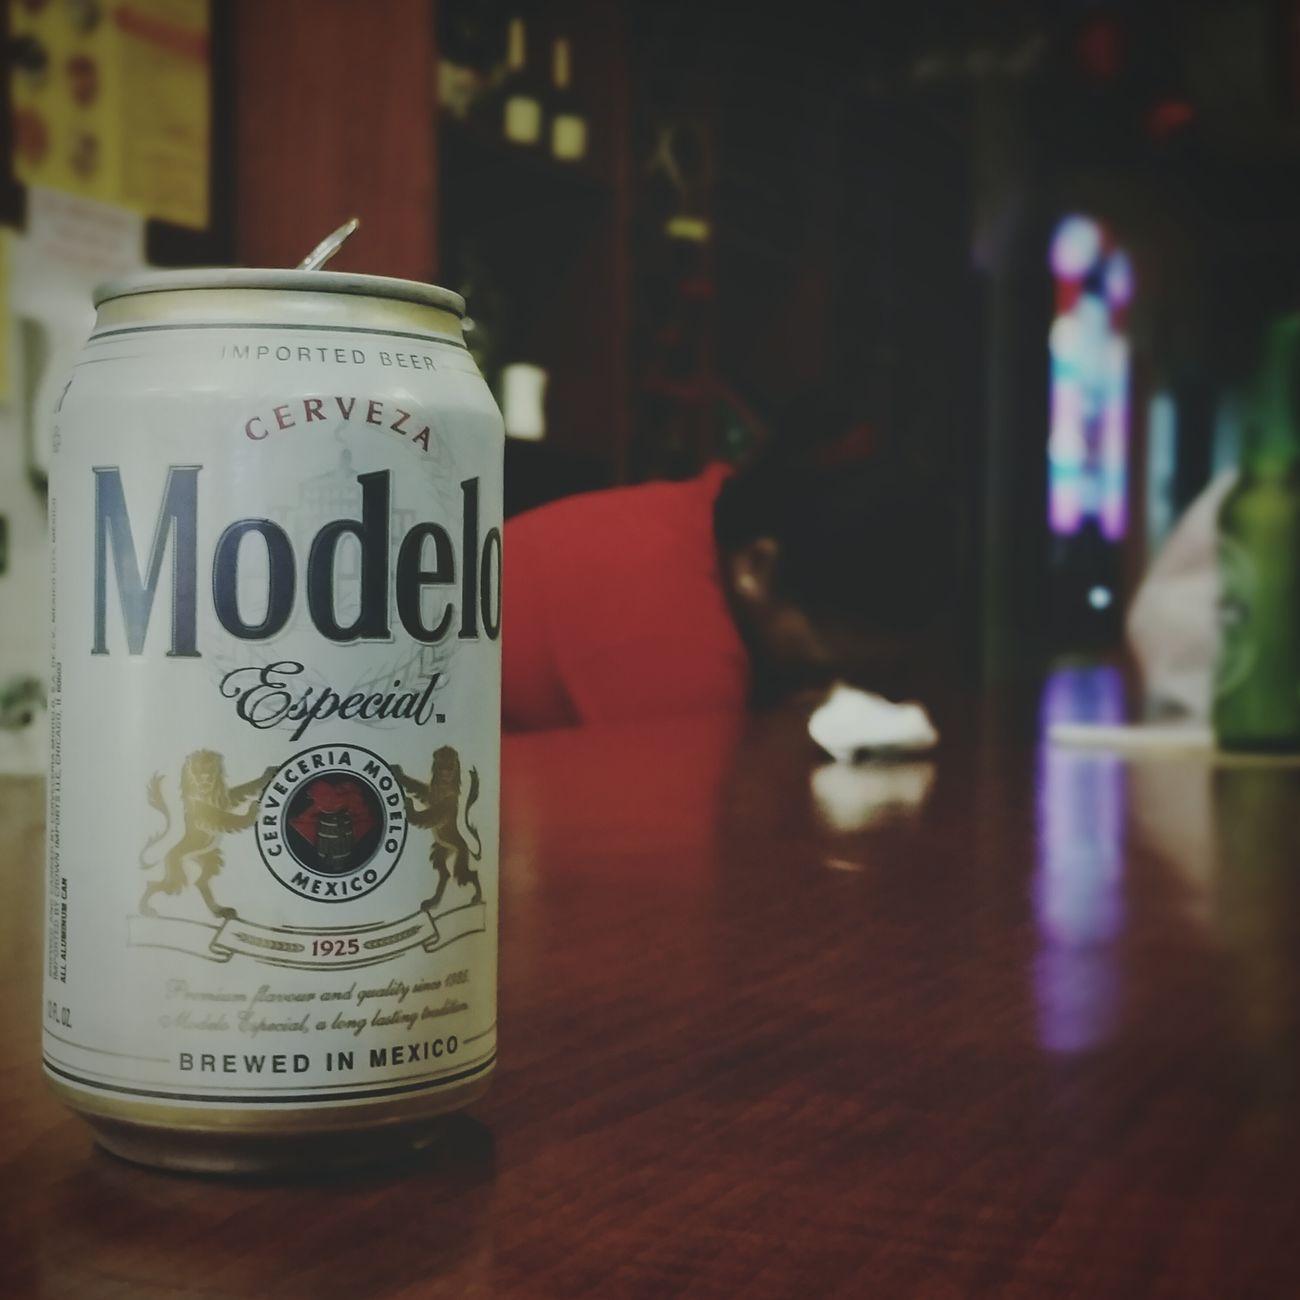 Rain rain go away, modeli espcial you, you can stay. Importedbeer ModeloEspecial Beer Notcraft BrewedinMexico